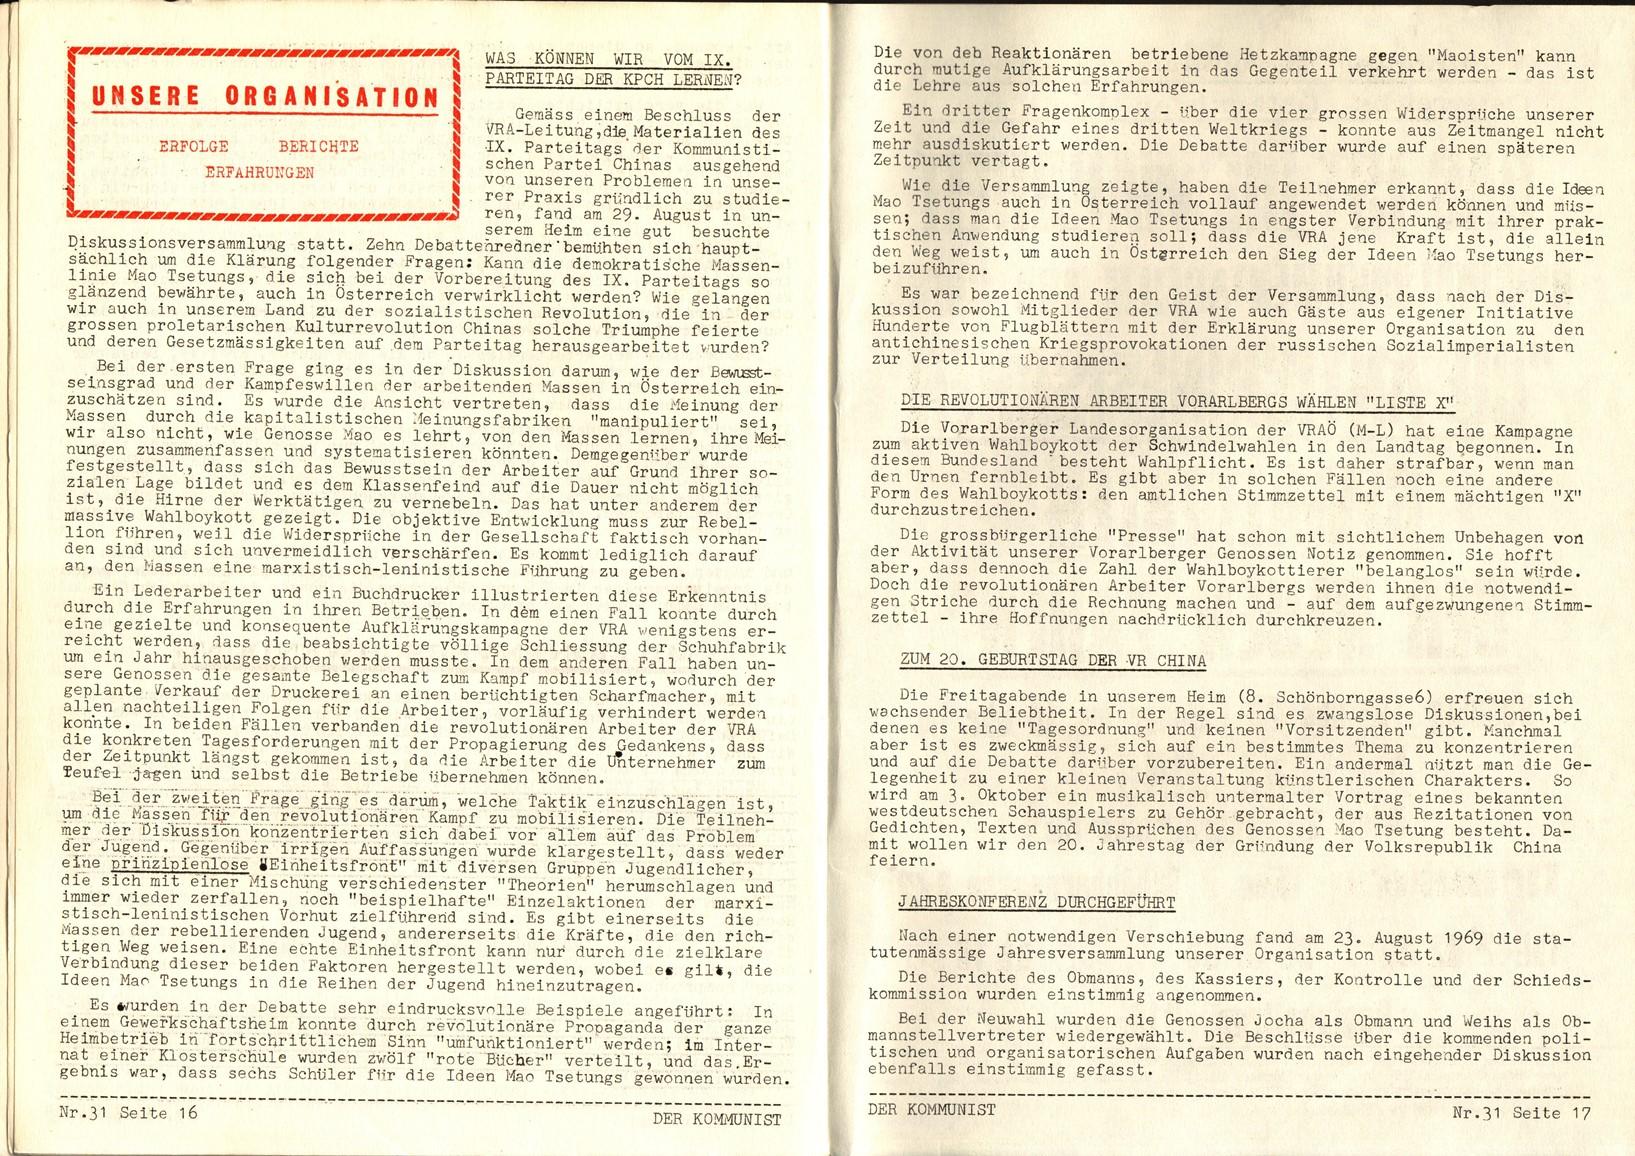 VRA_Der_Kommunist_19690900_09